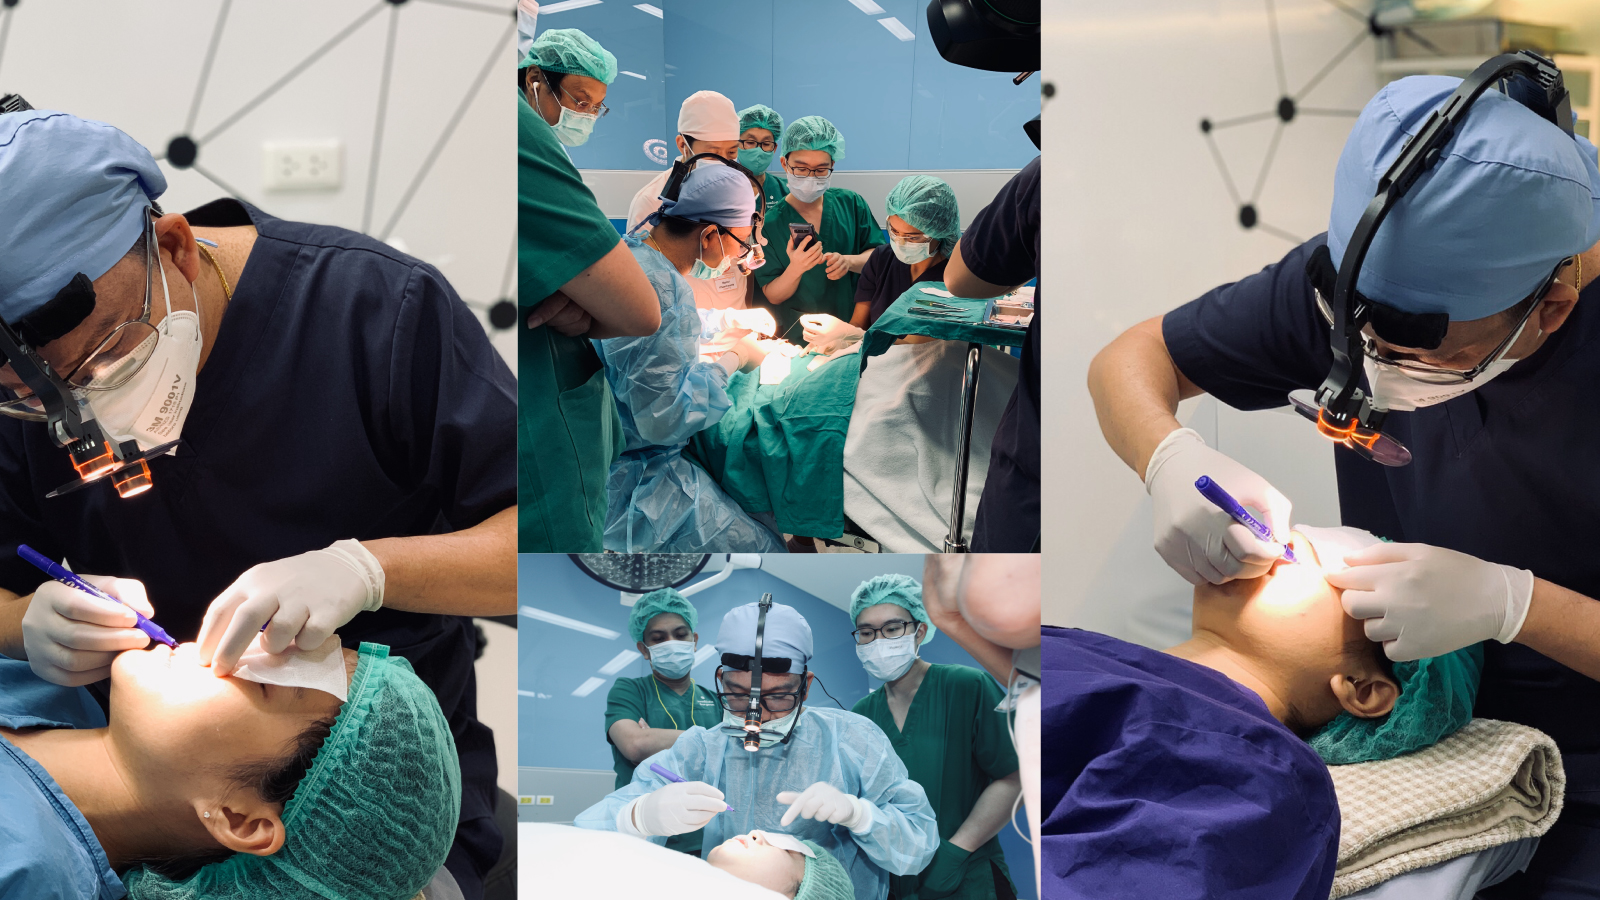 Home, คลินิคศัลยกรรมความงาม โดย นายแพทย์ พลศักดิ์ วรไกร (หมอเปิ้ล)